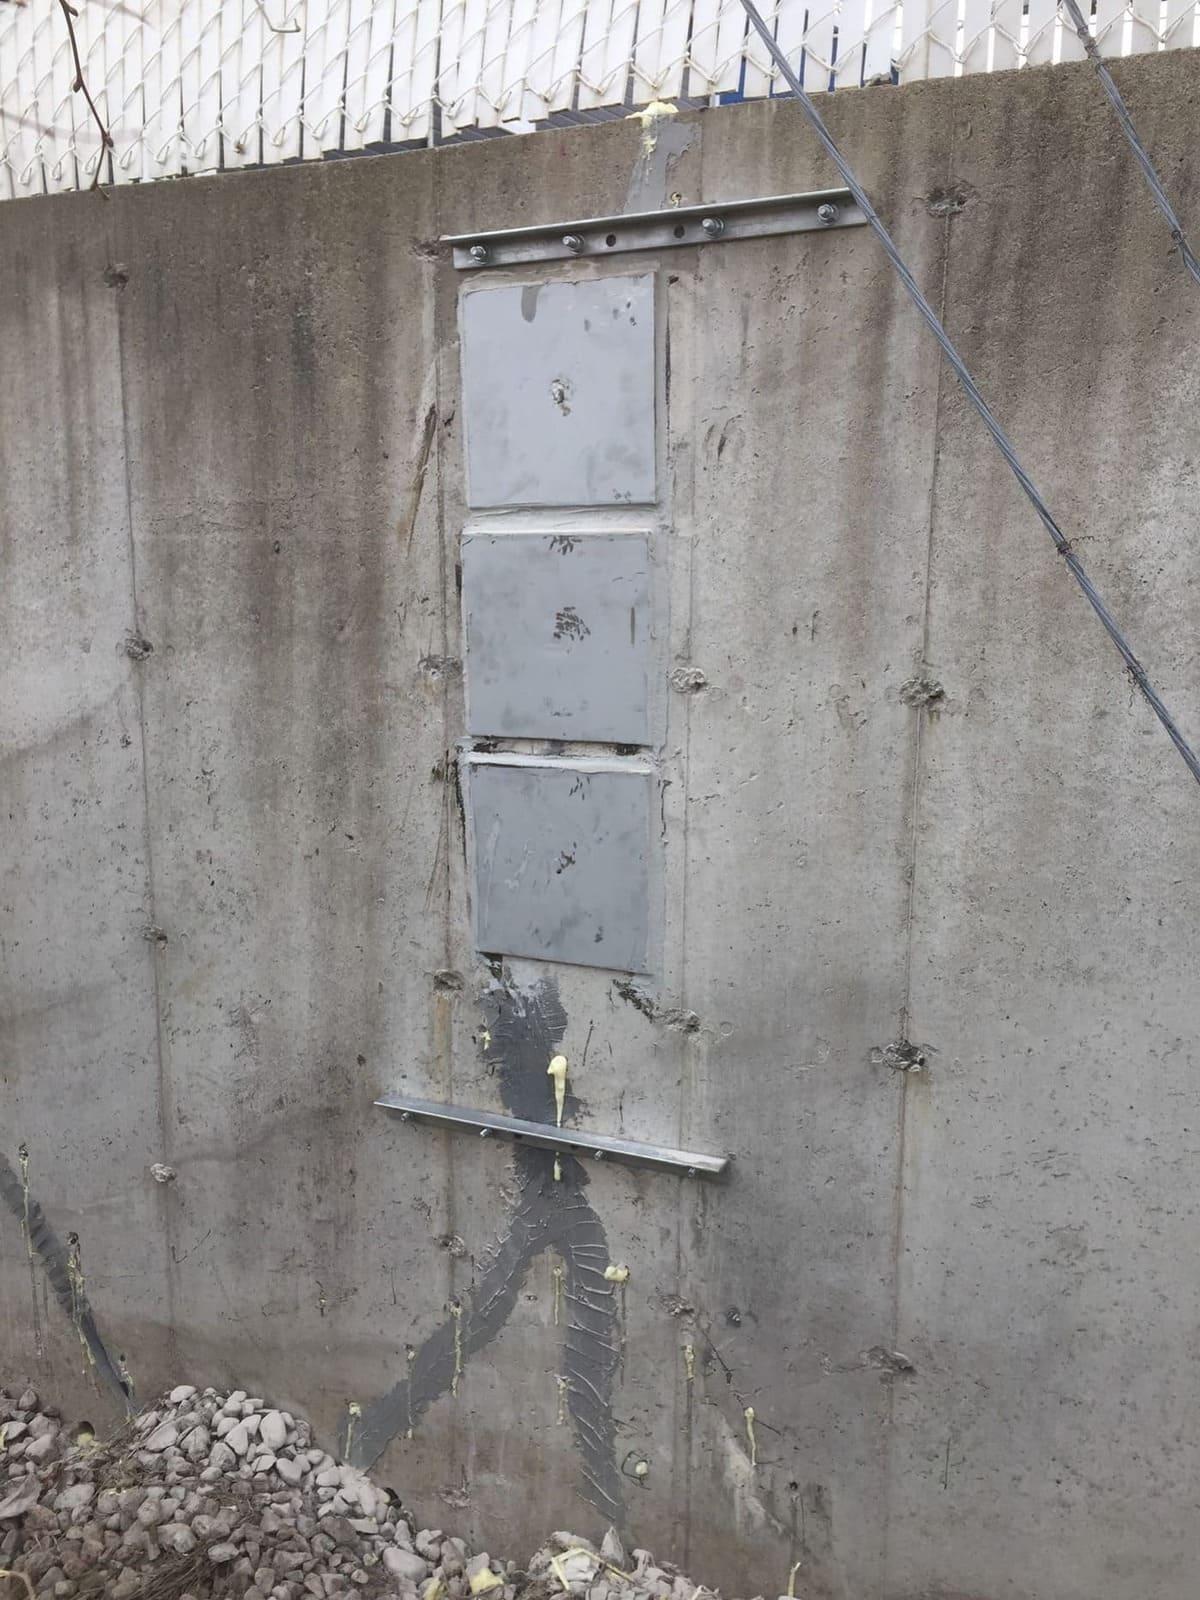 Réparation par ancrages chimiques, barres de renforts et injection d'époxy